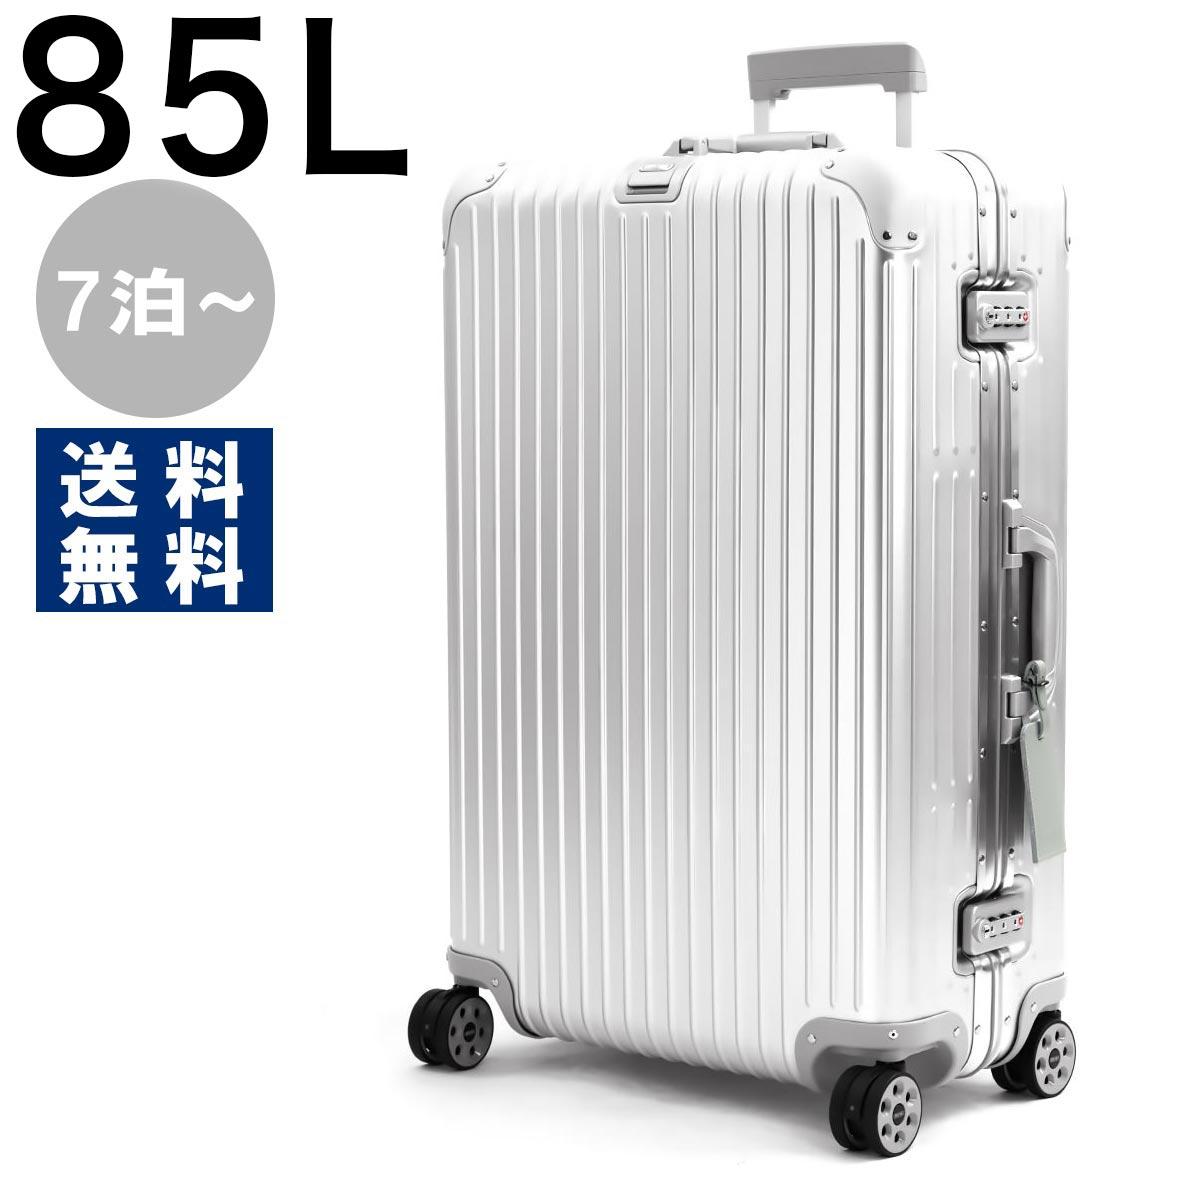 リモワ スーツケース/旅行用バッグ バッグ メンズ レディース トパーズ 85L 7泊~ シルバー 924.73.00.4 RIMOWA